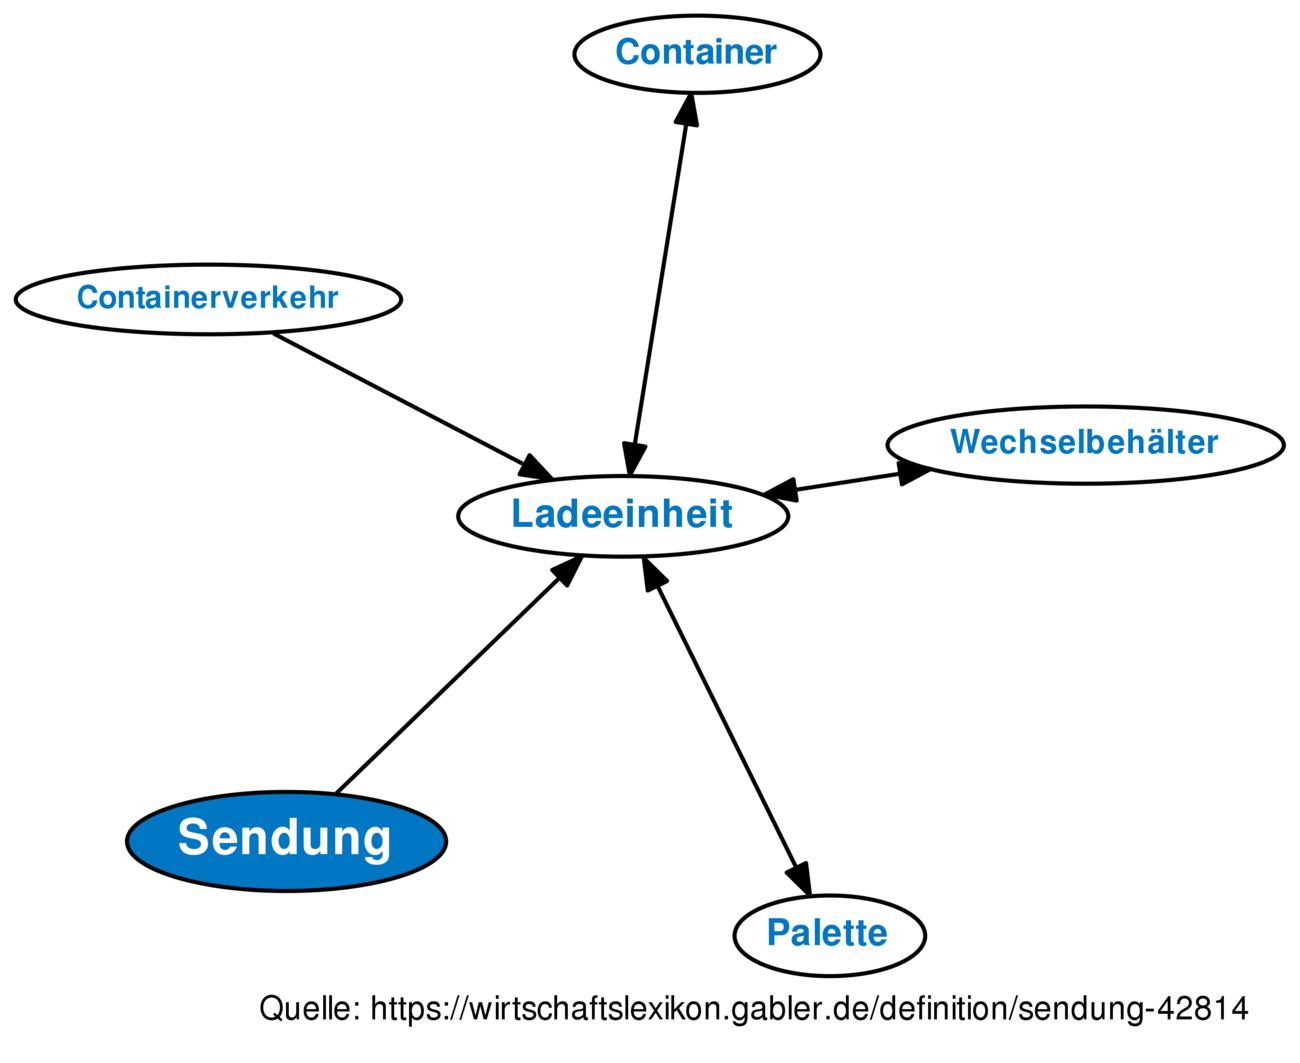 ᐅ Sendung • Definition im Gabler Wirtschaftslexikon Online